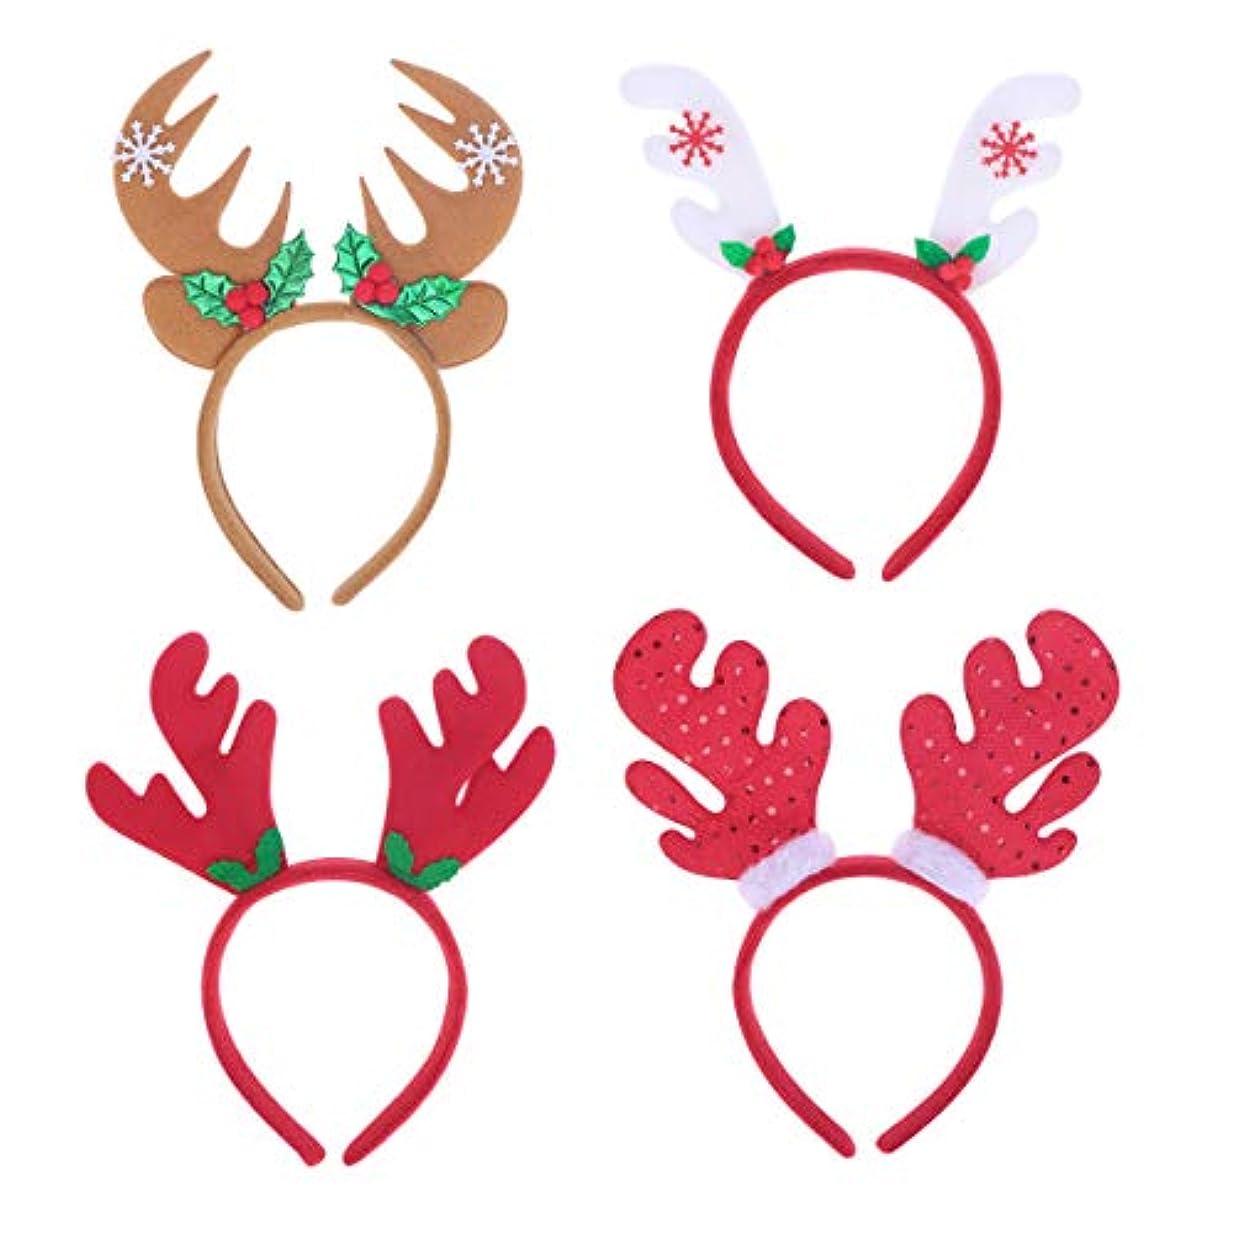 危機マニアック鉄道Lurrose 4ピースクリスマスヘッドバンドサンタ帽子トナカイアントラーヘッドバンドヘアフープヘッドドレス帽子クリスマス衣装ヘアアクセサリー用大人の子供女の子